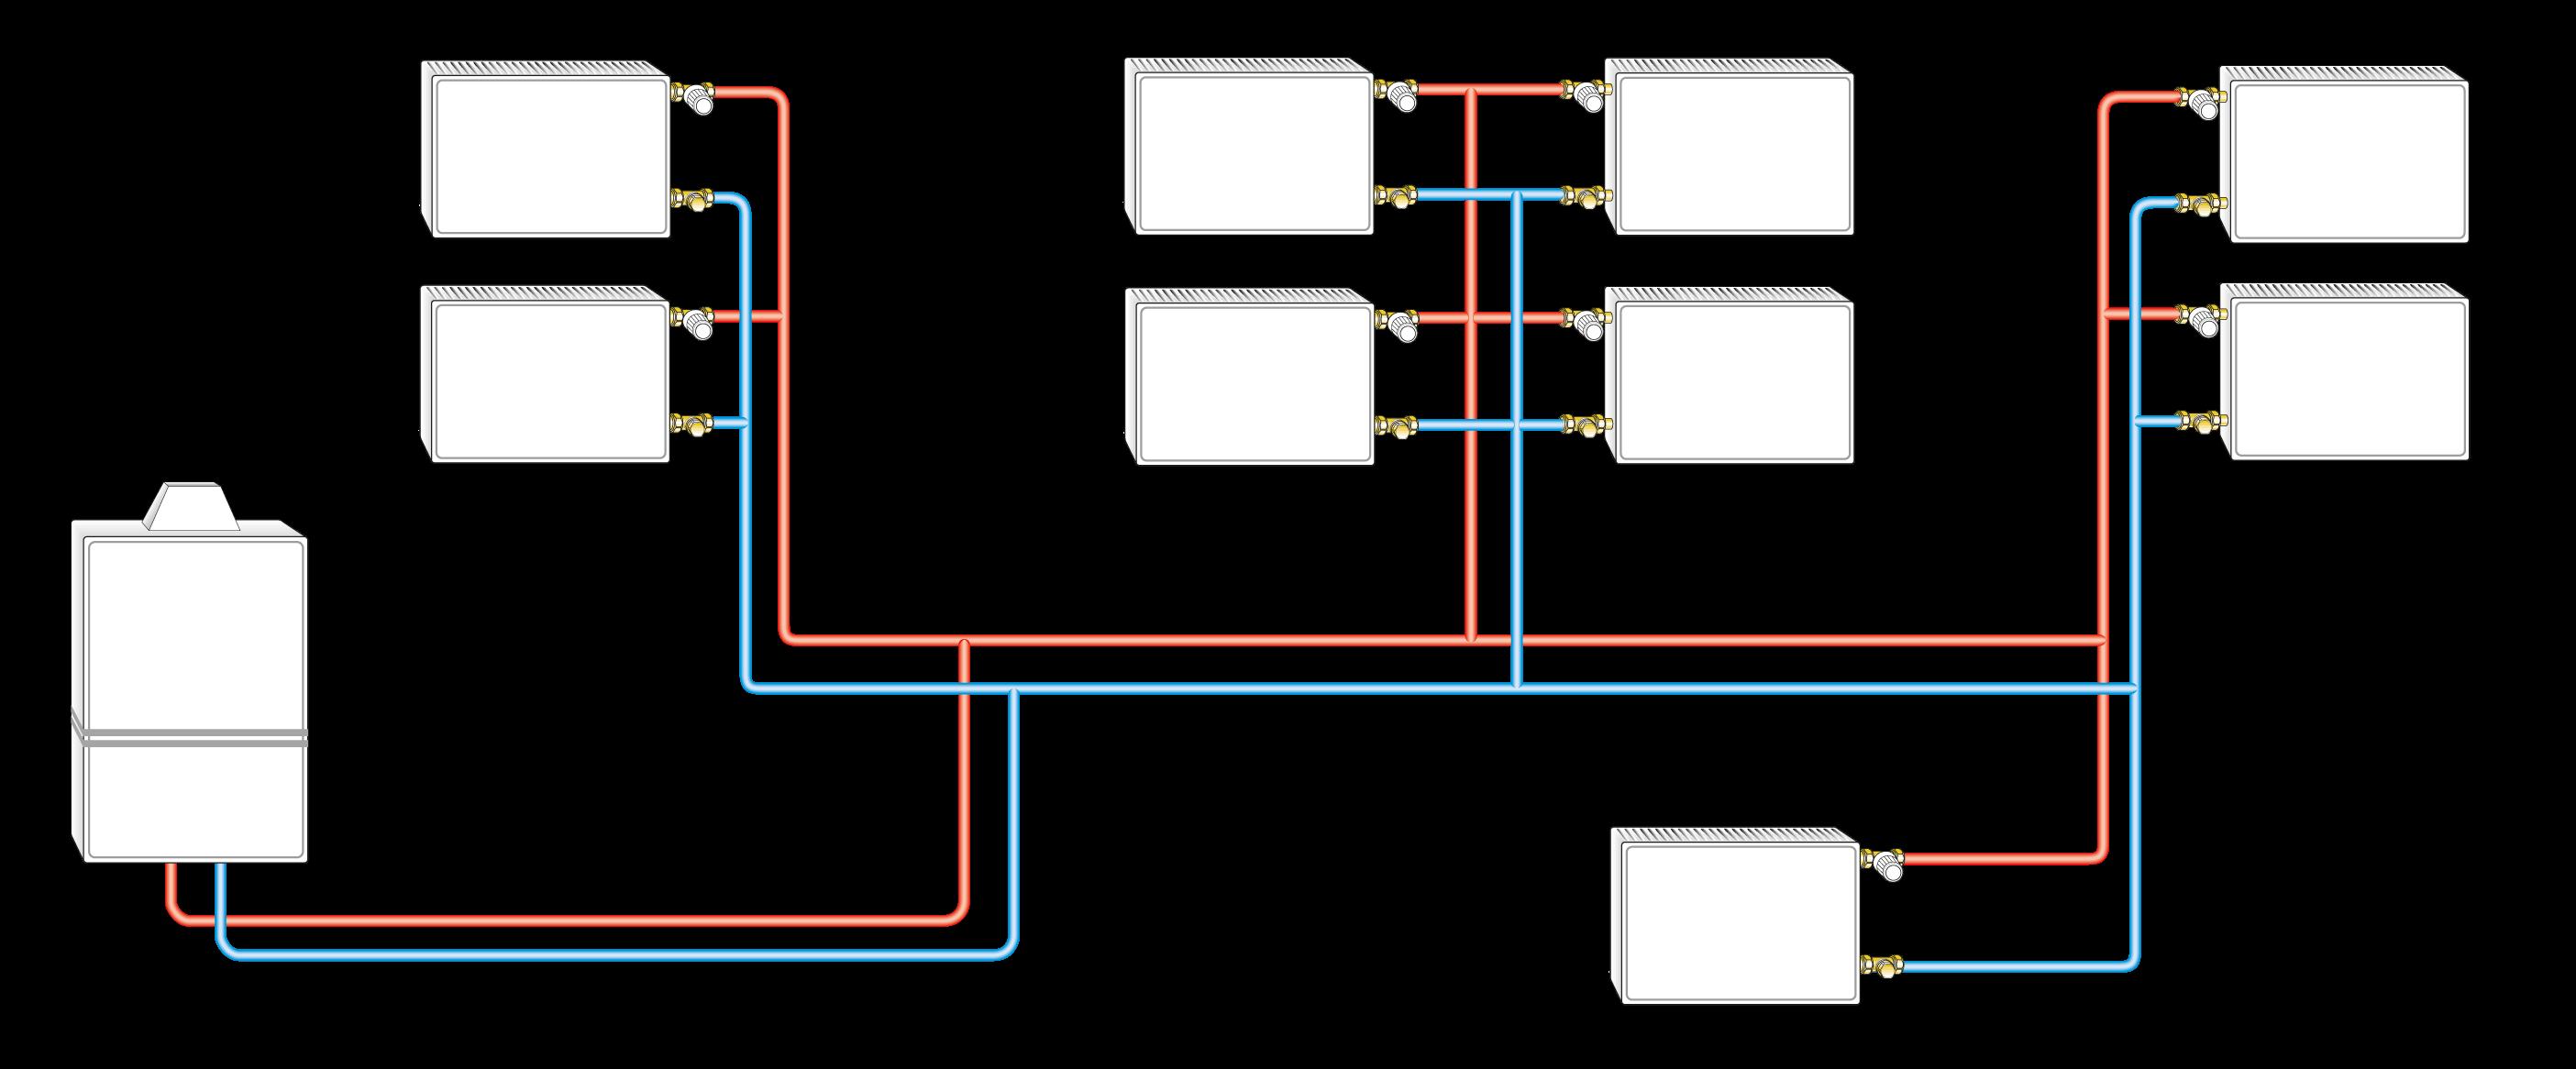 Einfache Anlagensituation mit kompaktem Wandheizgerät inkl. Pumpe